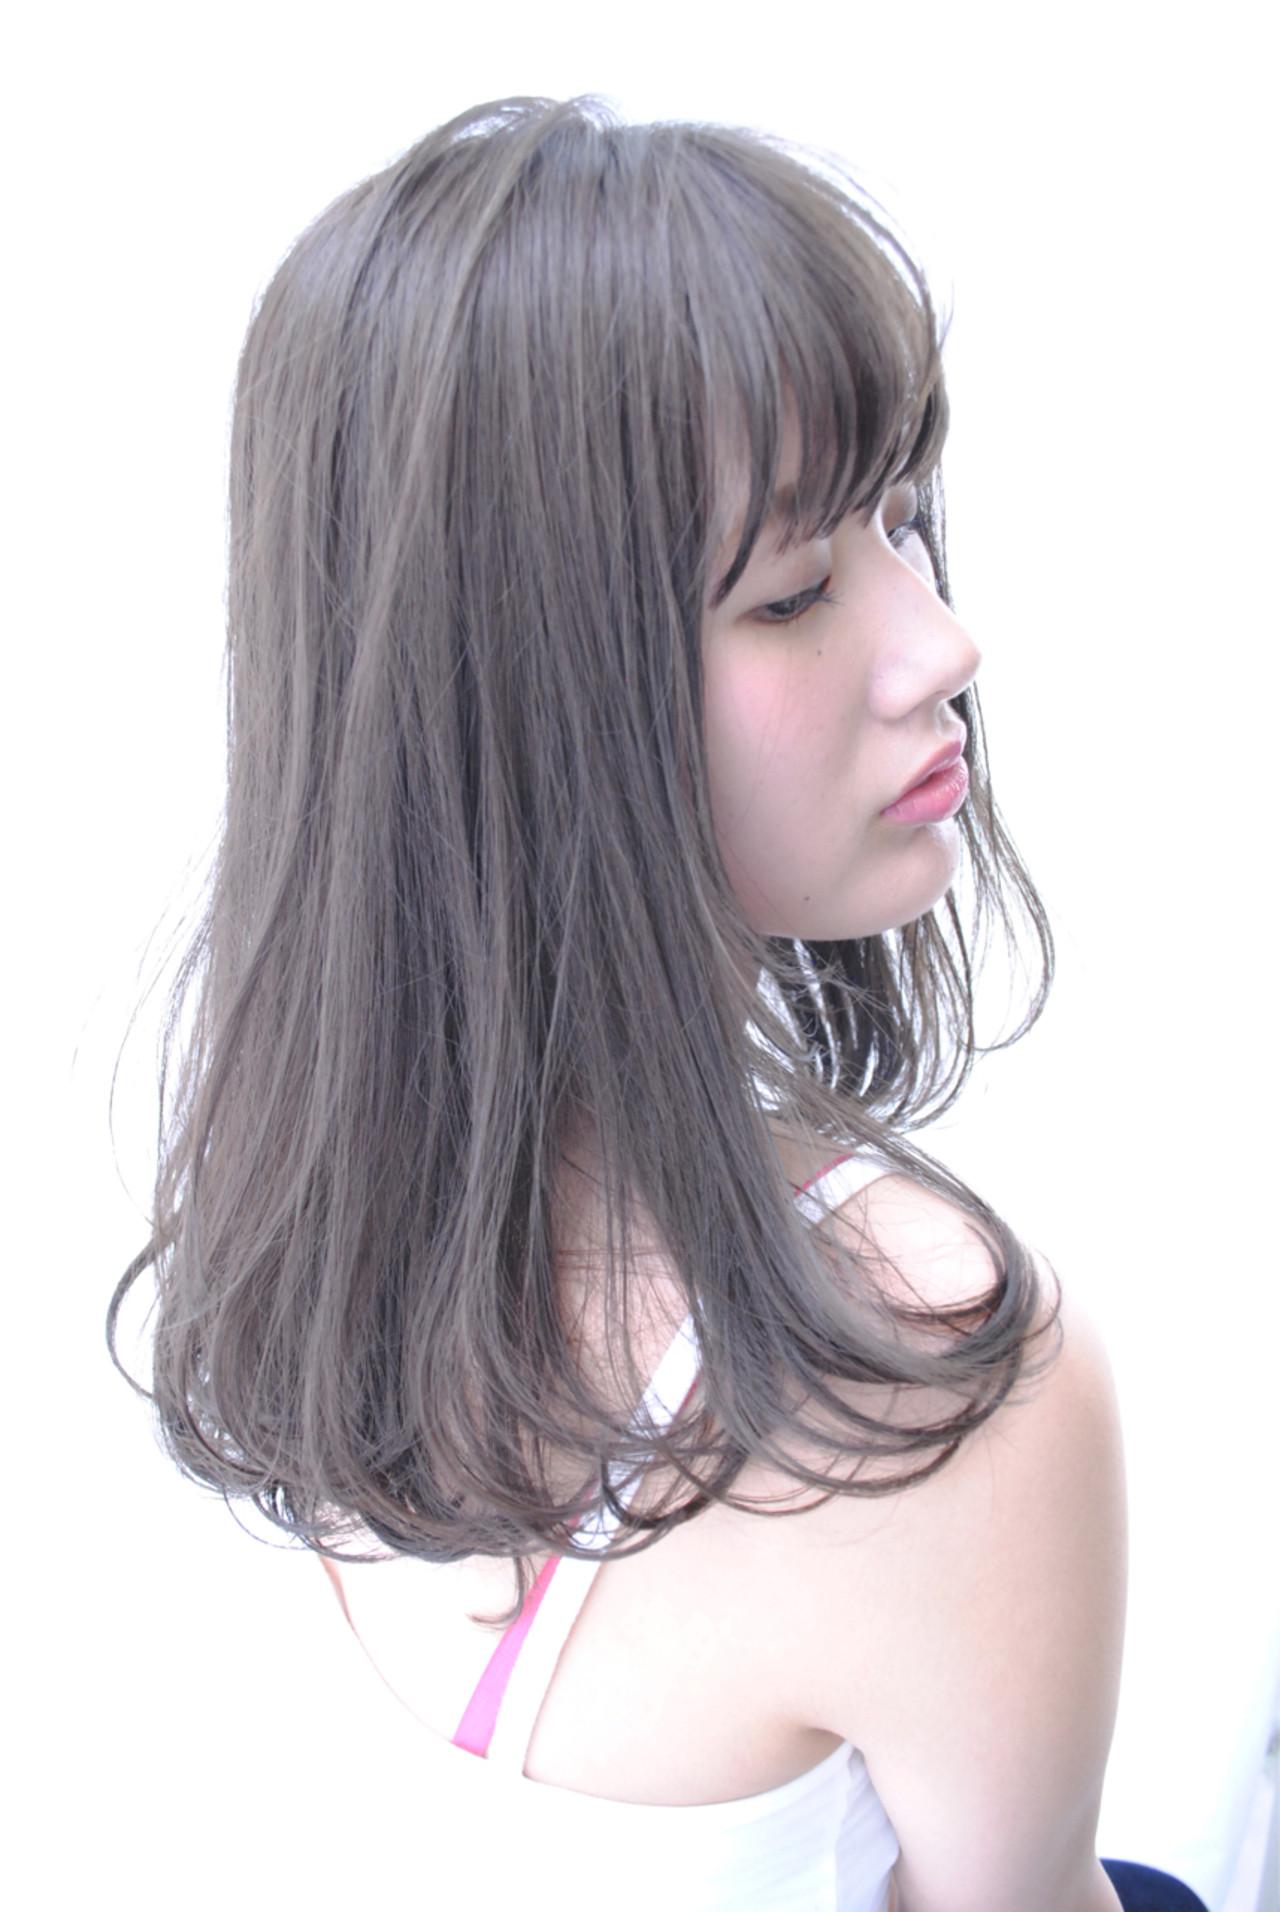 ロング 大人かわいい 黒髪 アッシュ ヘアスタイルや髪型の写真・画像 | 野中 由貴 / owlhair